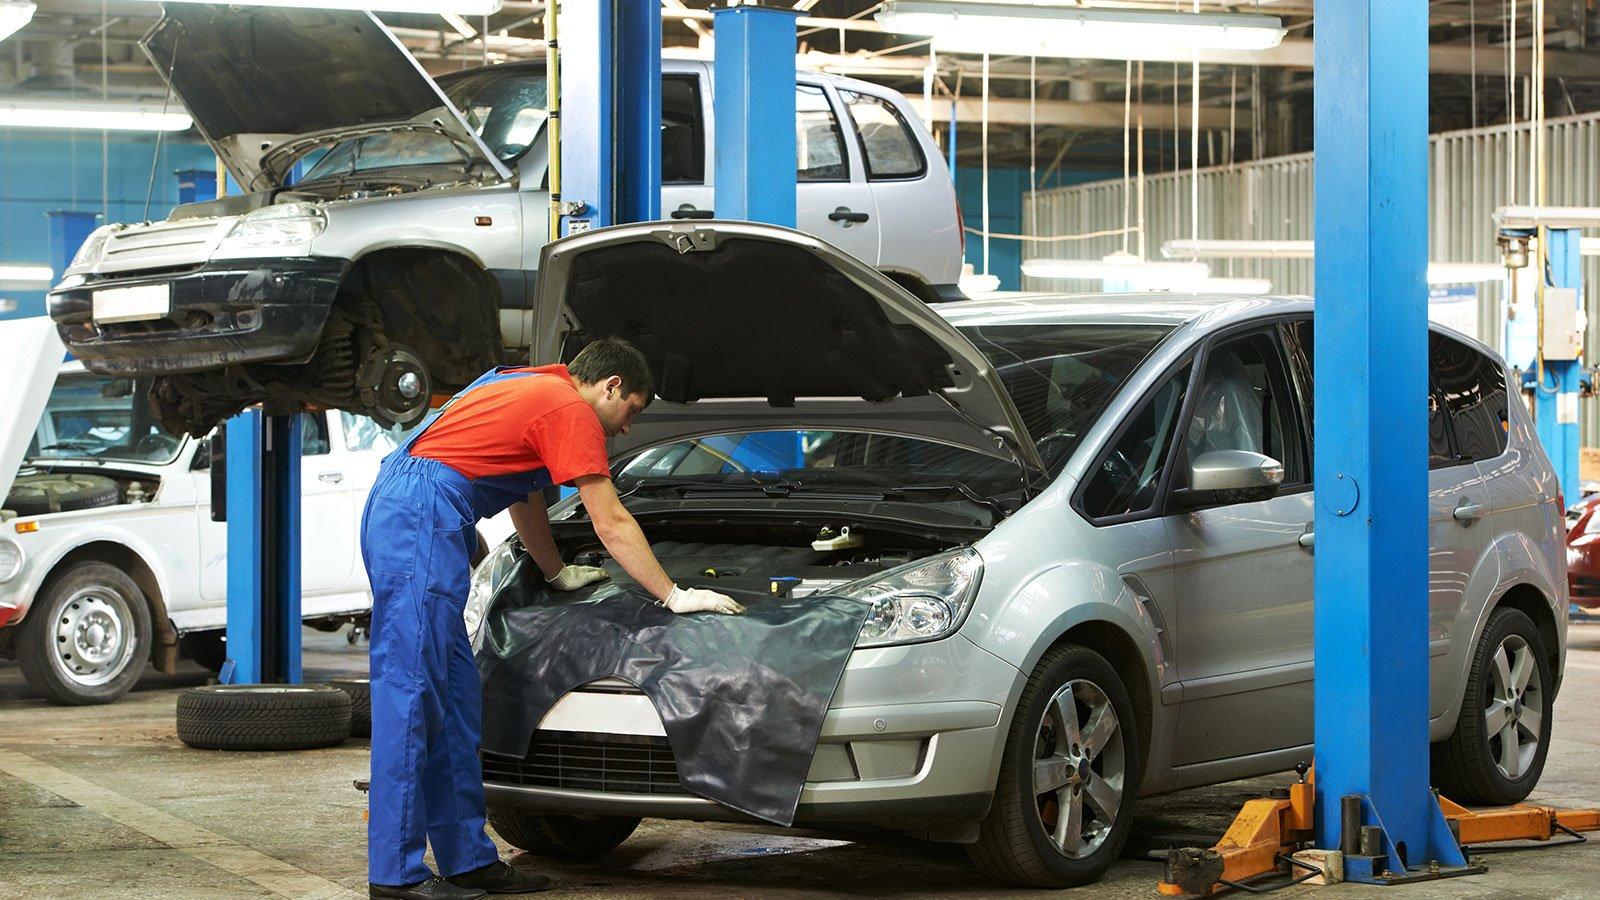 Meccanico analizza un motore auto